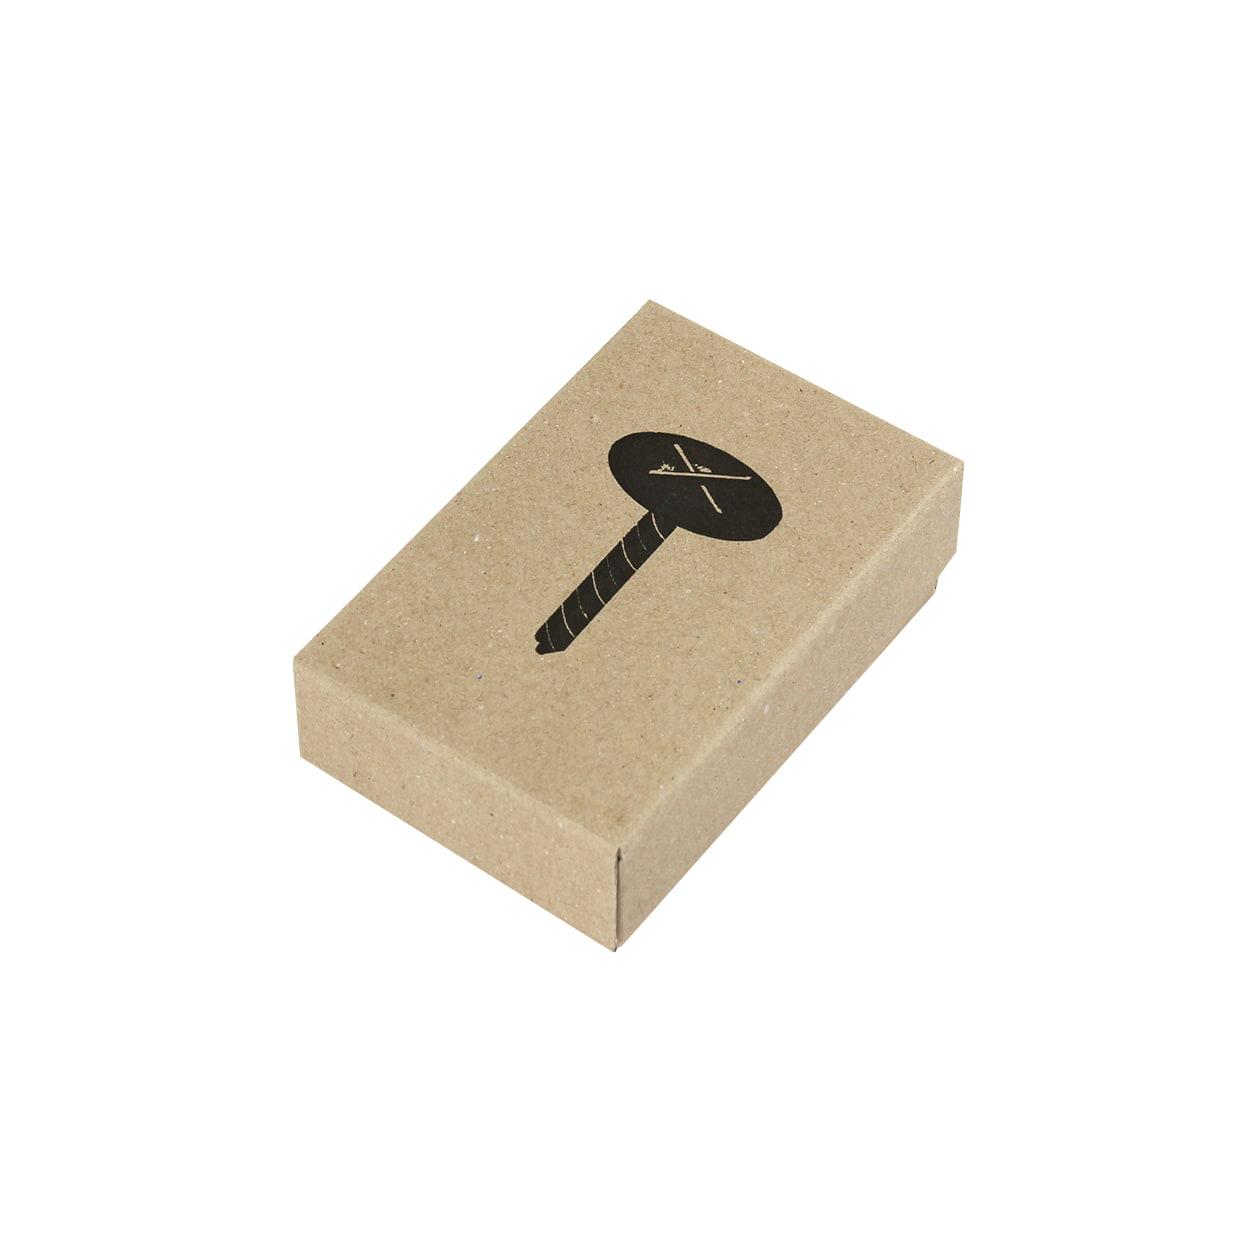 サンプル 箱(糊どめ) 00054